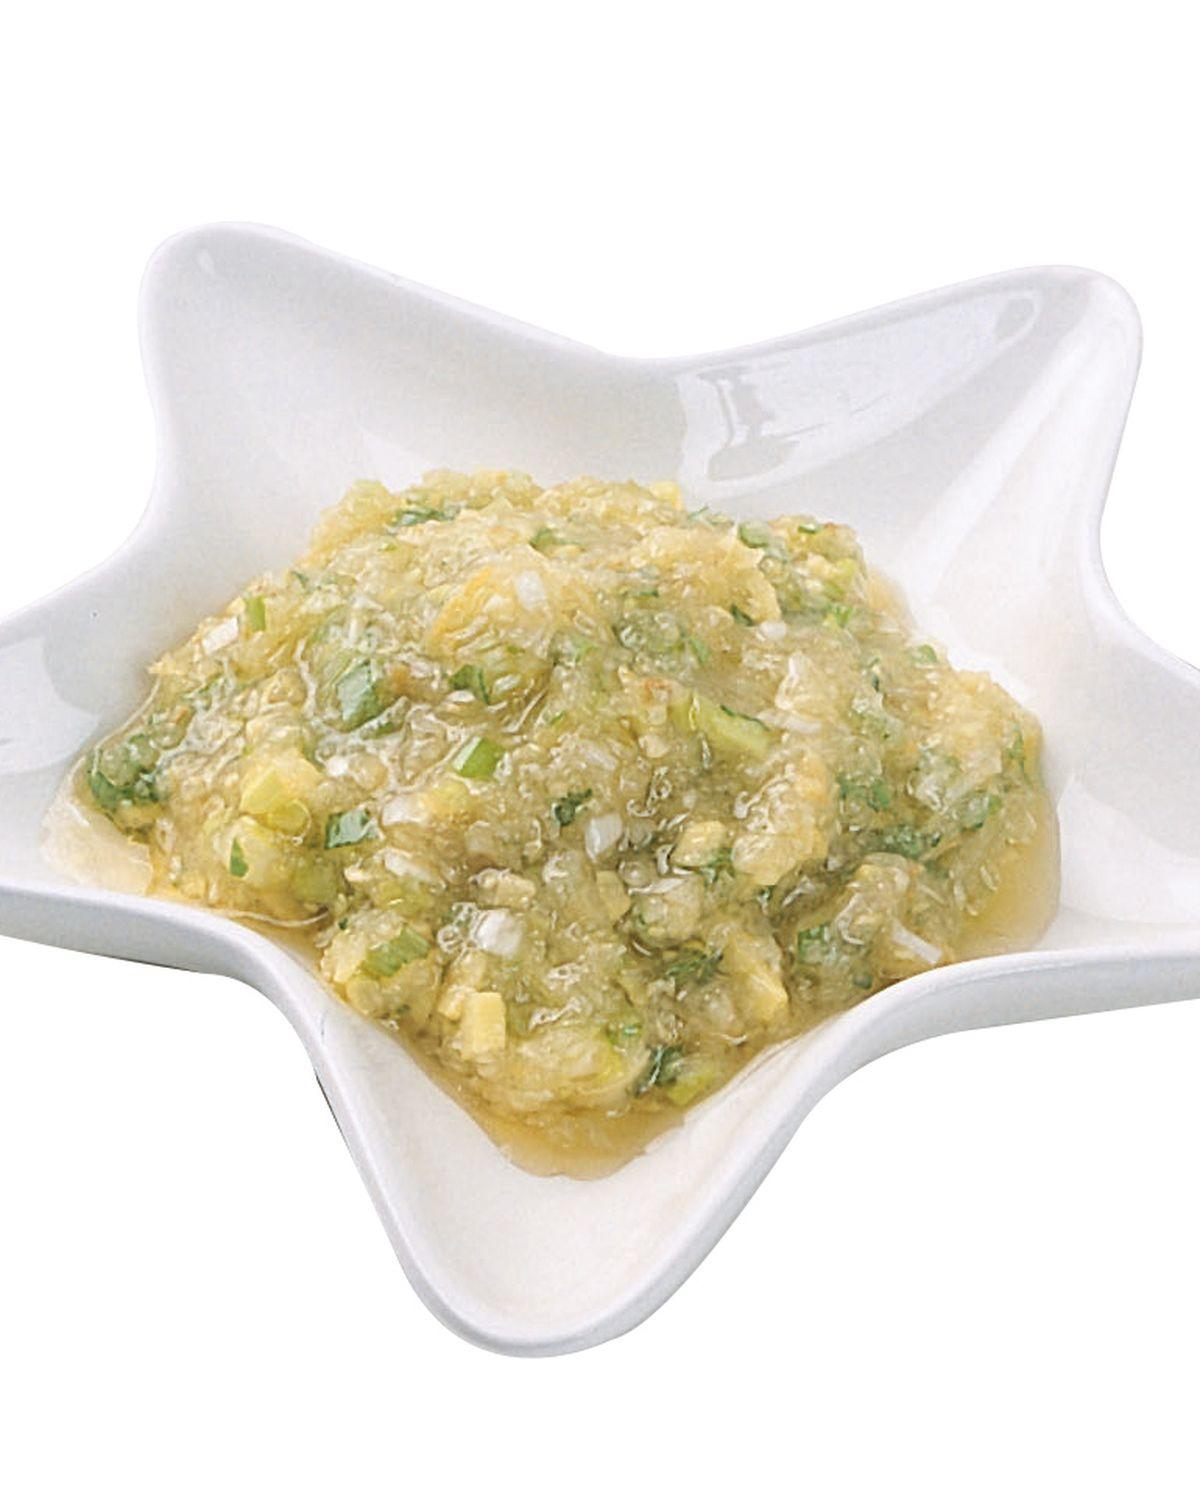 食譜:蔥薑蒜泥醬